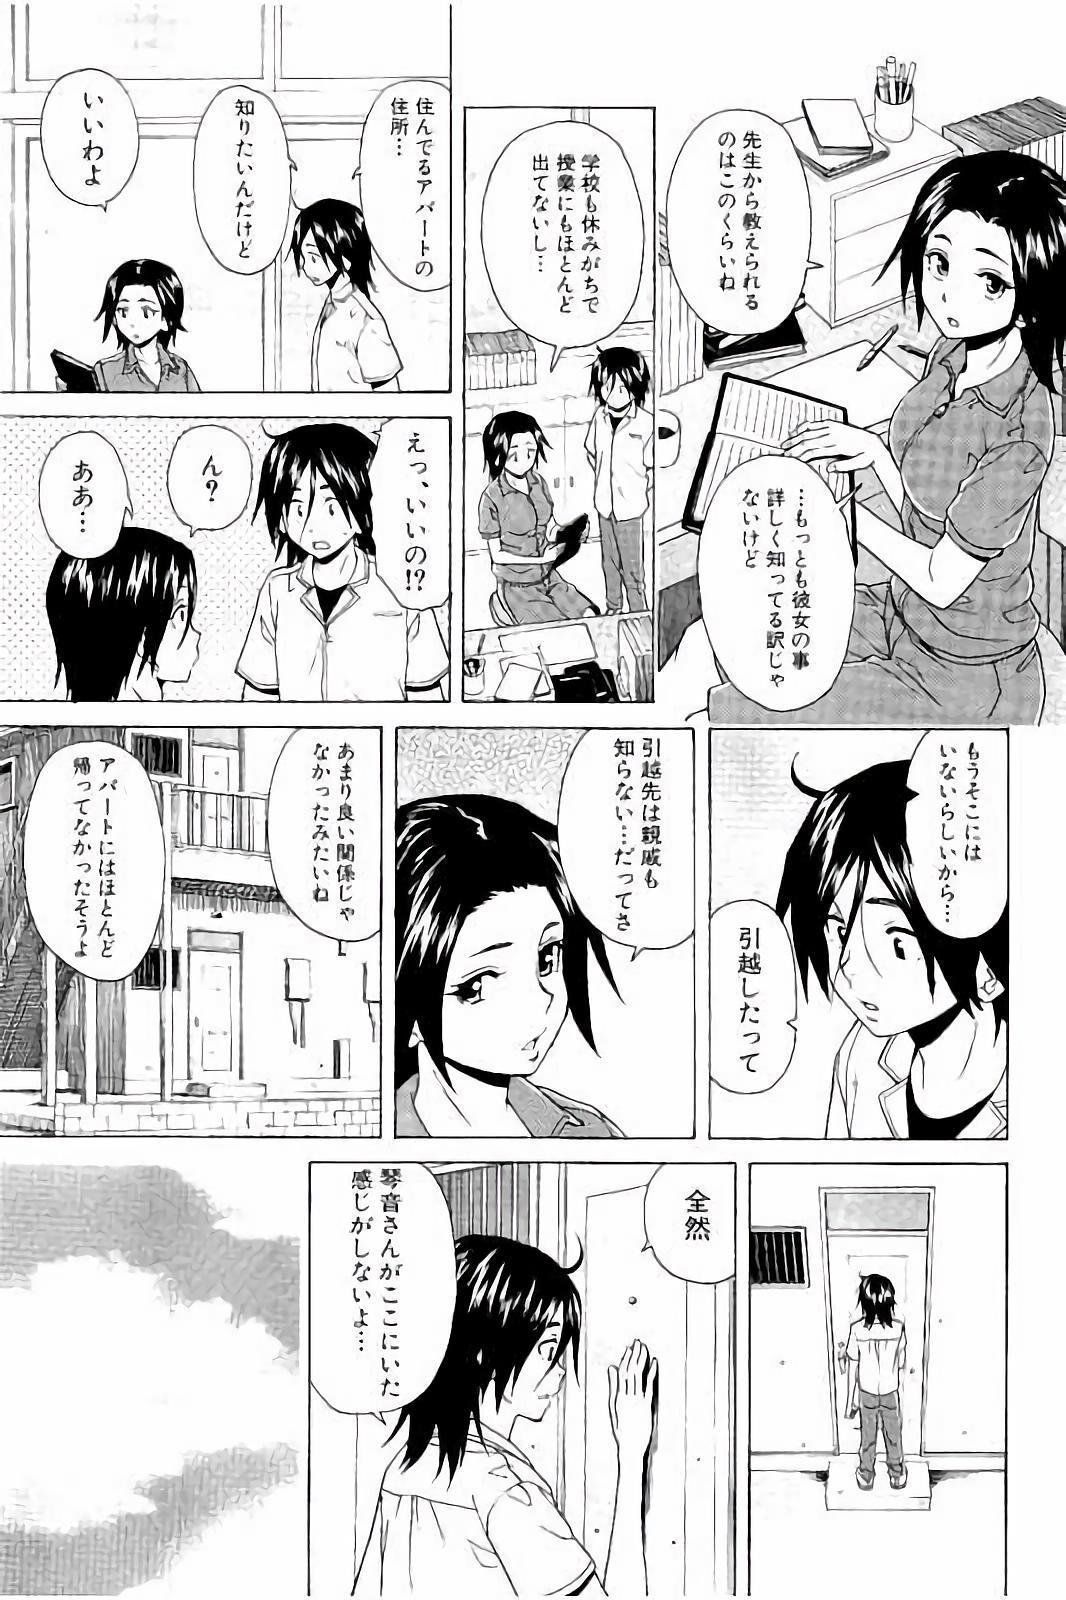 Ane no Himitsu To Boku no Jisatsu 188